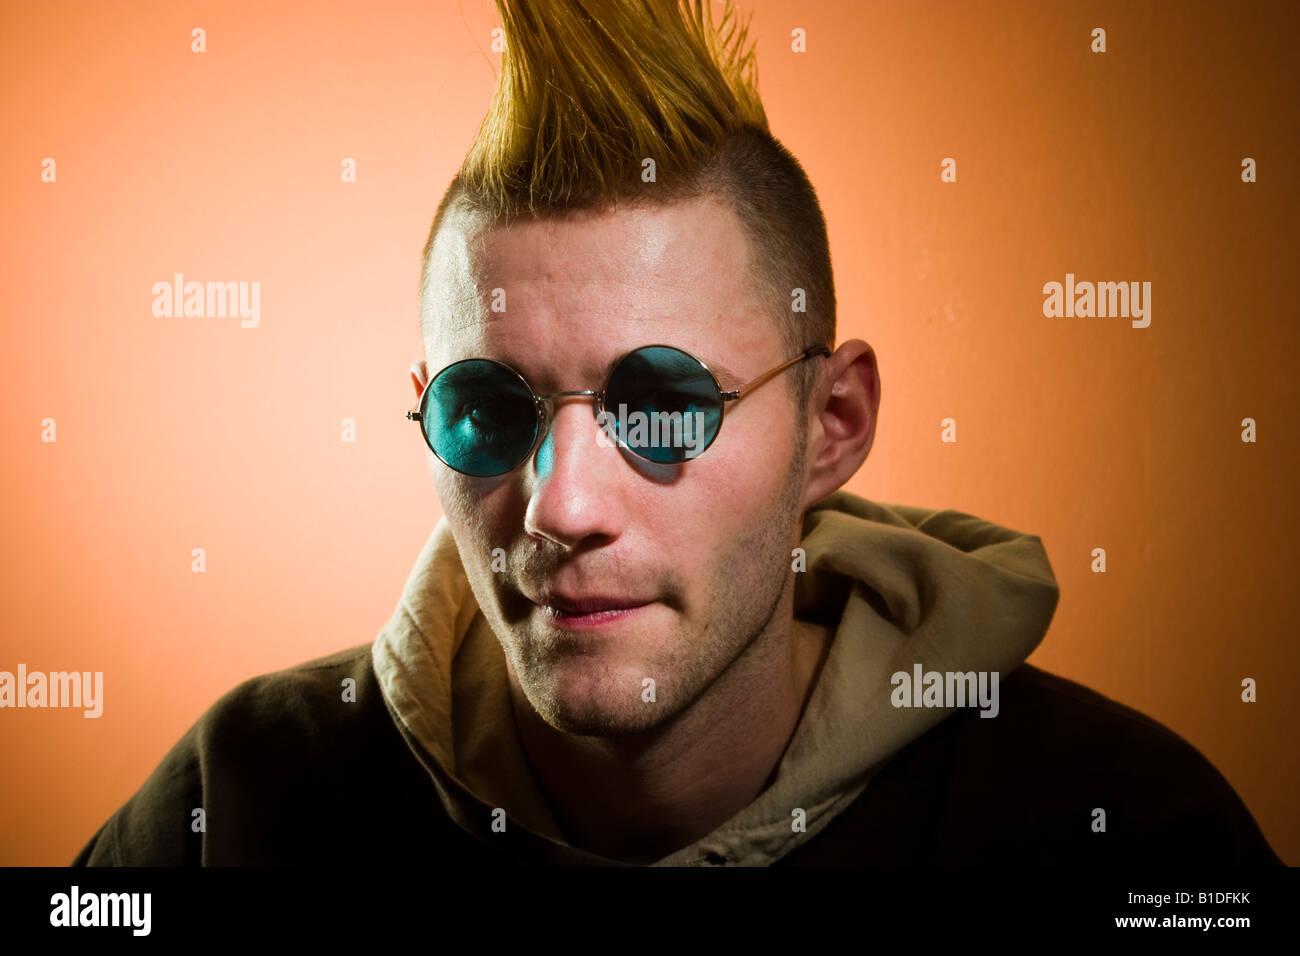 Junger Mann Mit Einem Mohawk Frisur Mit Brille Posiert Modell